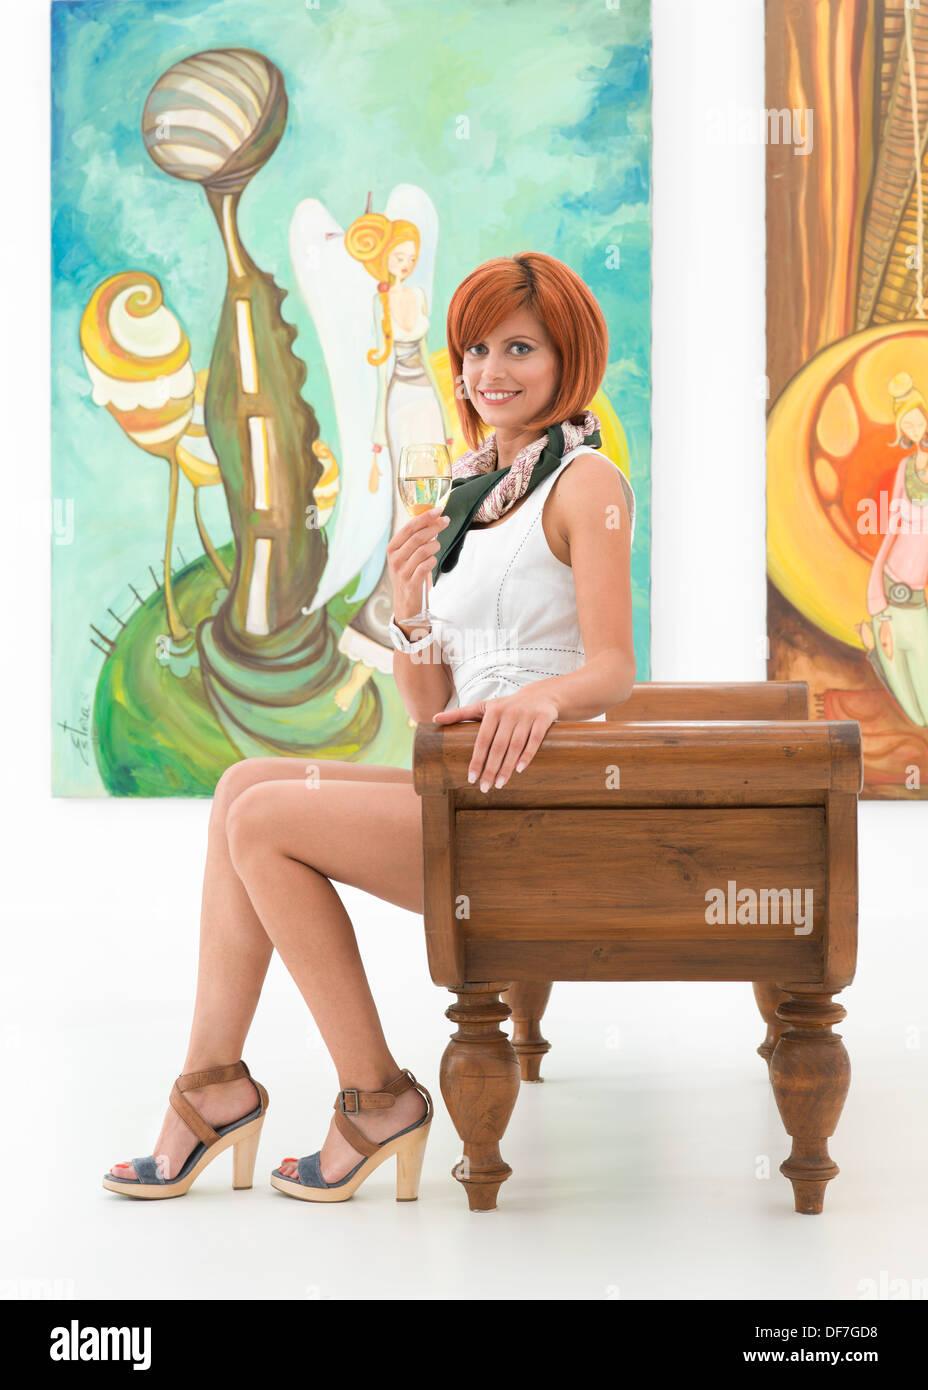 Les femmes attirantes jeunes assis sur un banc en bois, tenant un verre de vin et souriant, avec des peintures colorées sur l'arrière-plan Banque D'Images